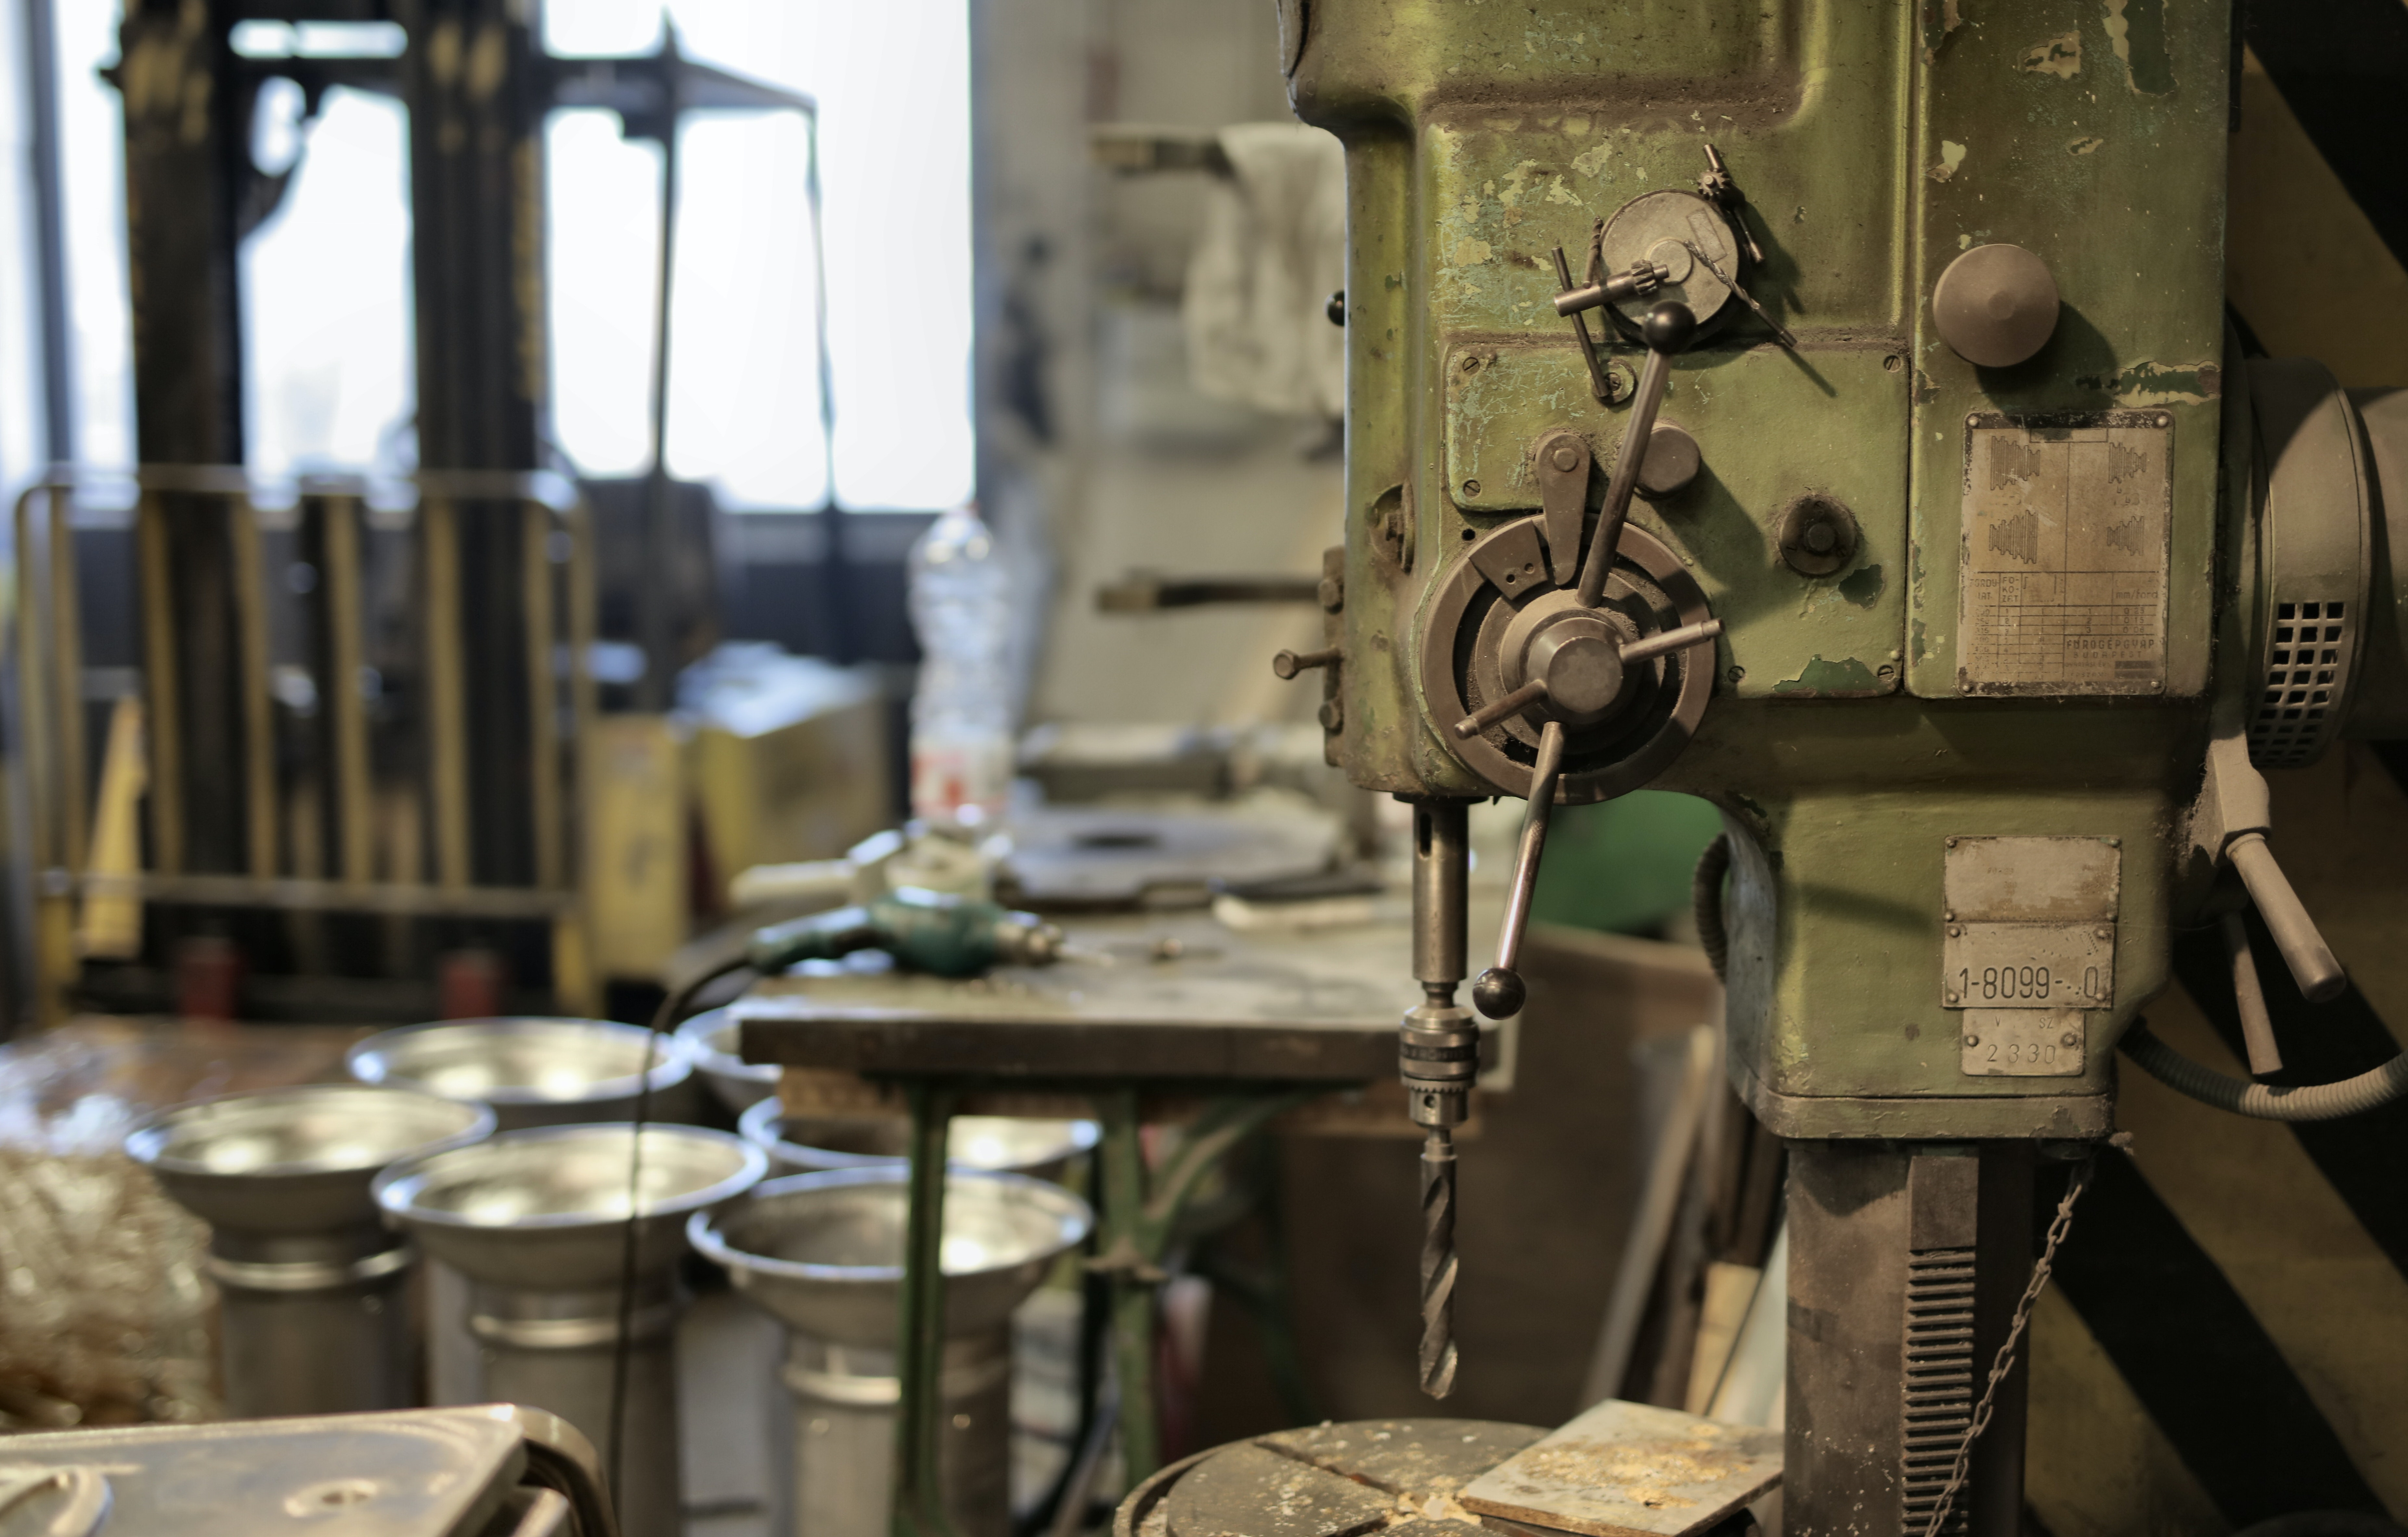 Established Metal Manufacturing Business - Motivated Seller